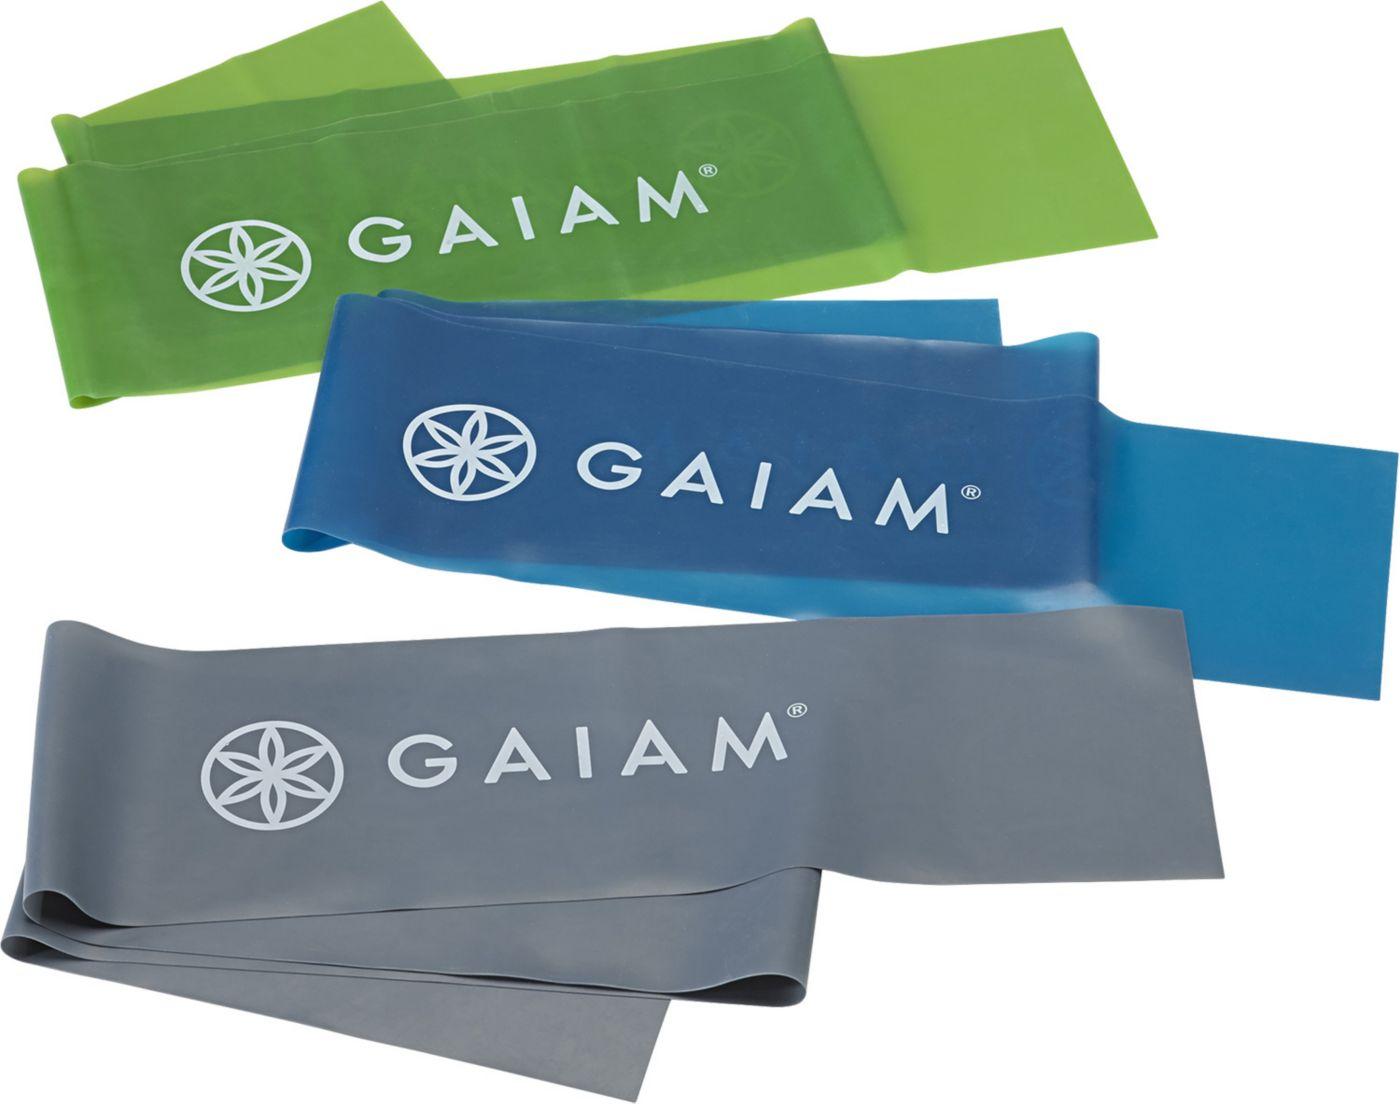 Gaiam Strength & Flexibility Bands